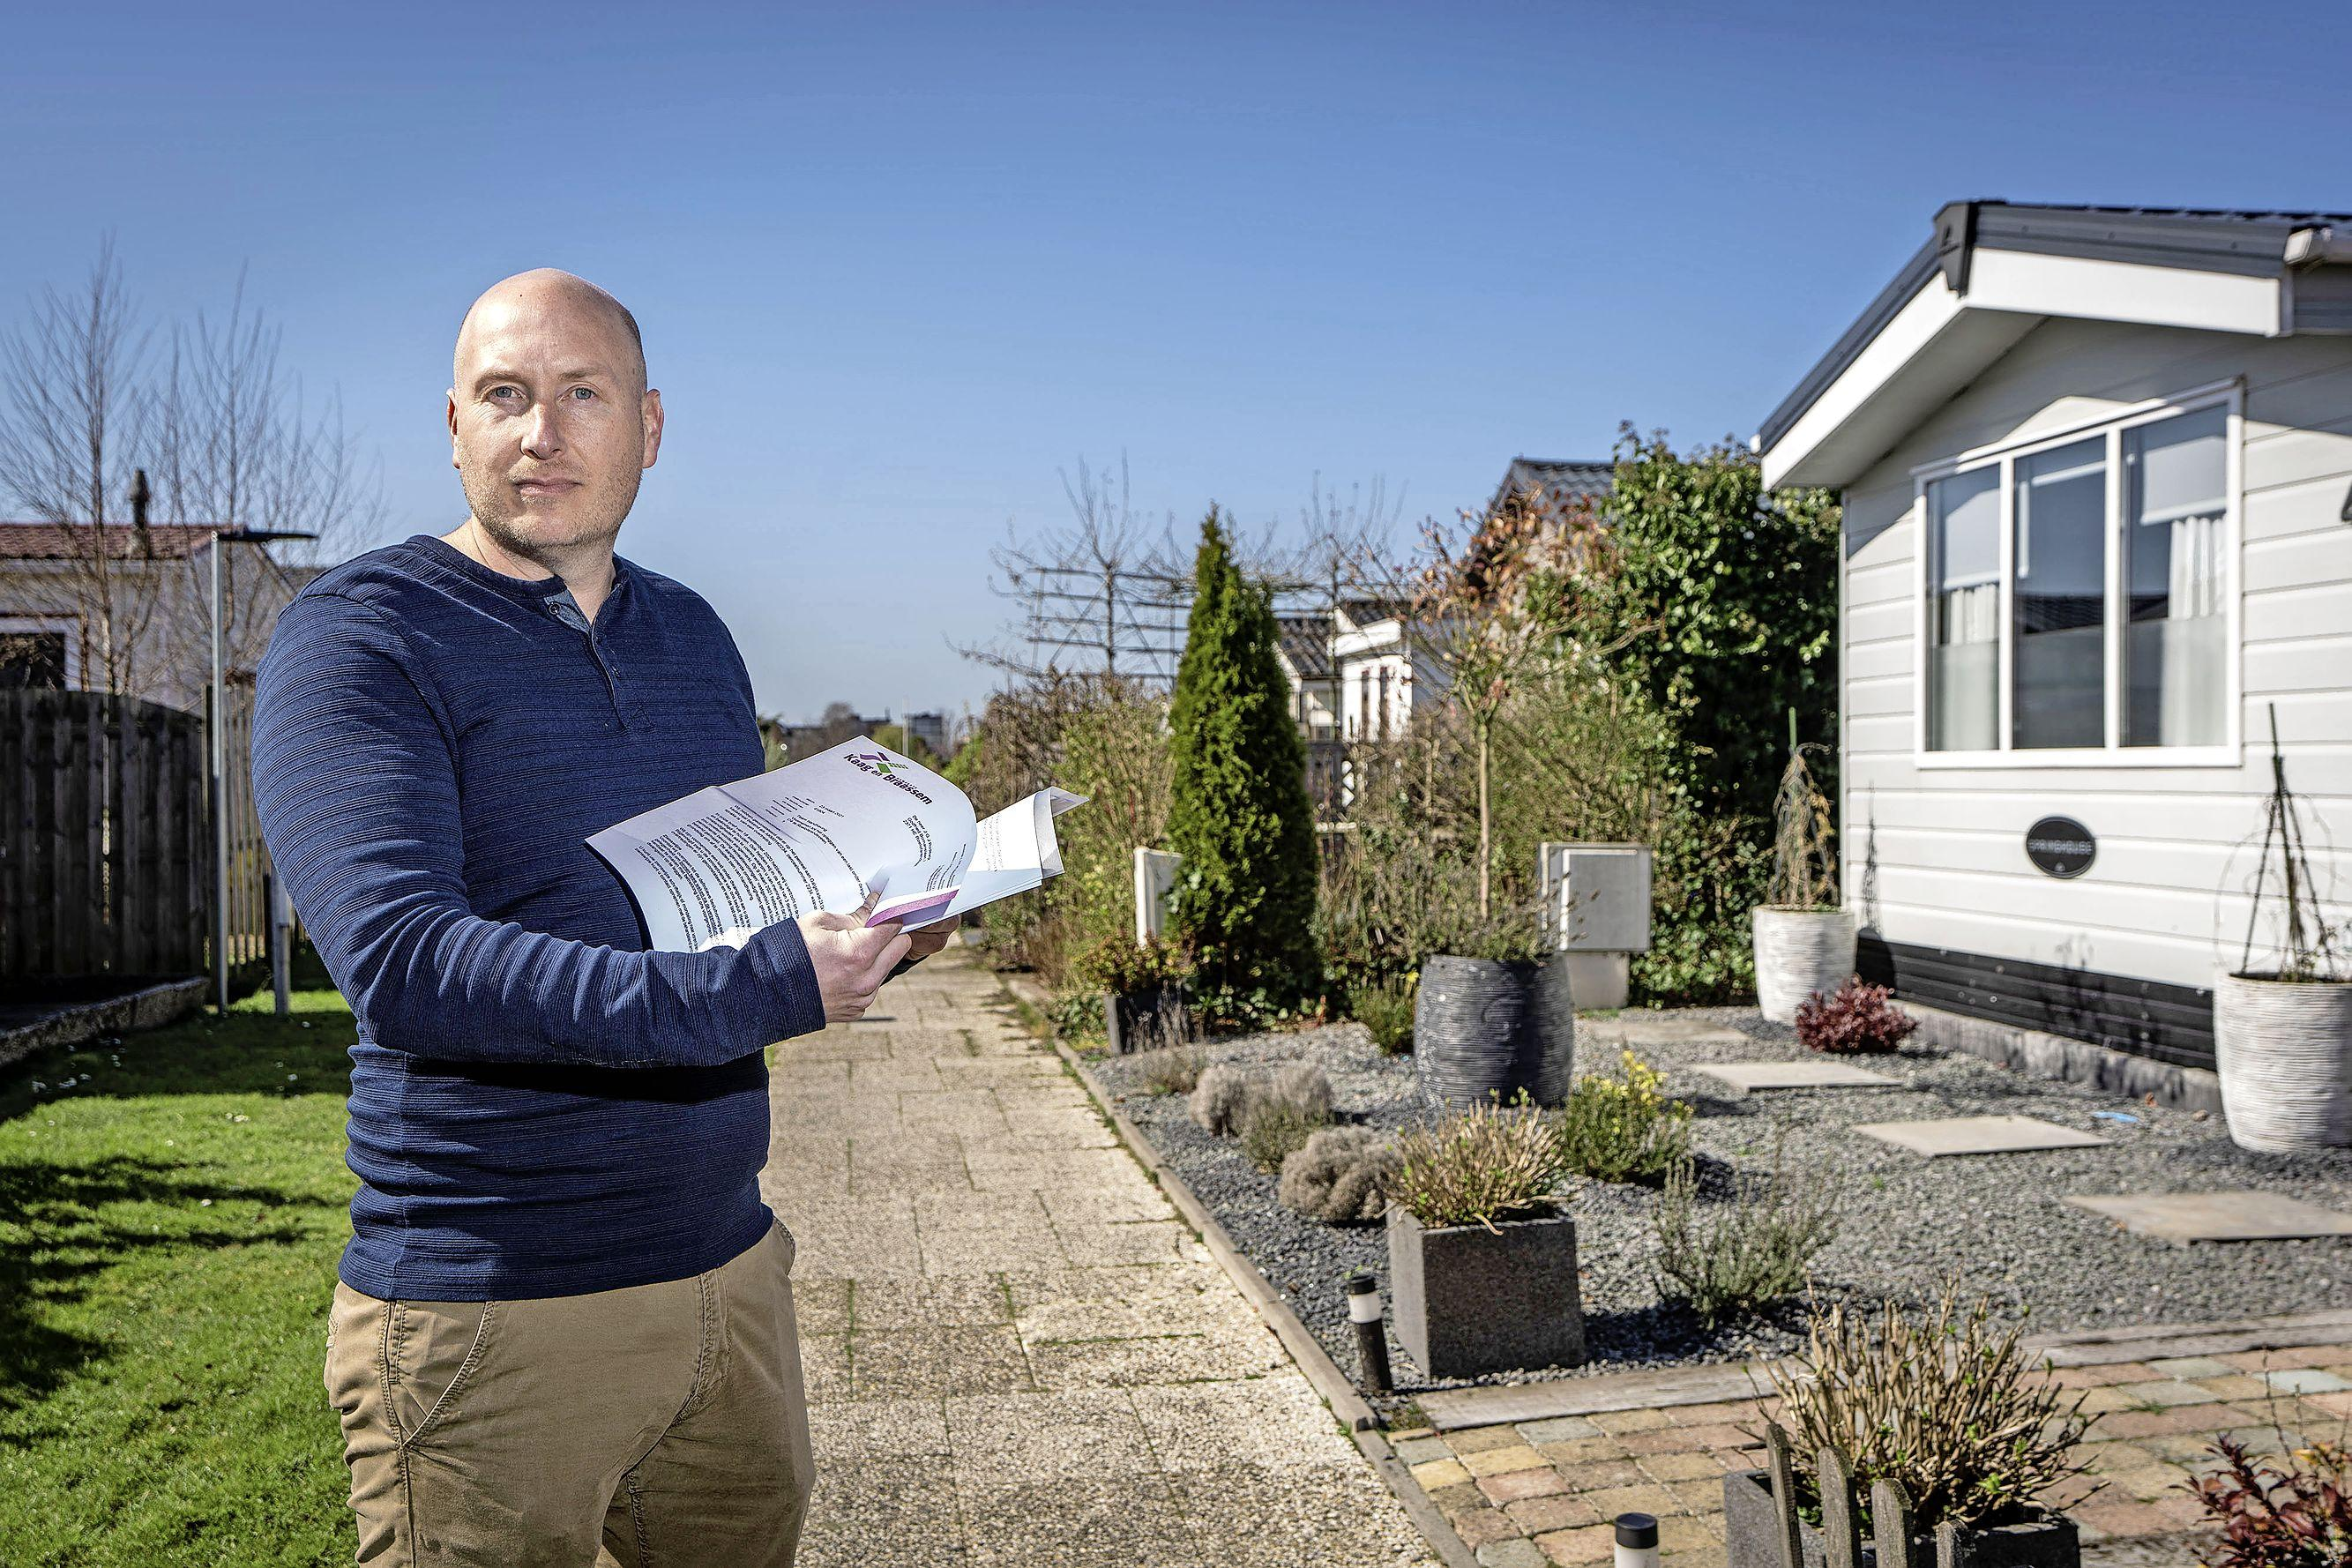 Strijd rond permanente bewoning recreatieparken Kaag en Braassem verhardt zich